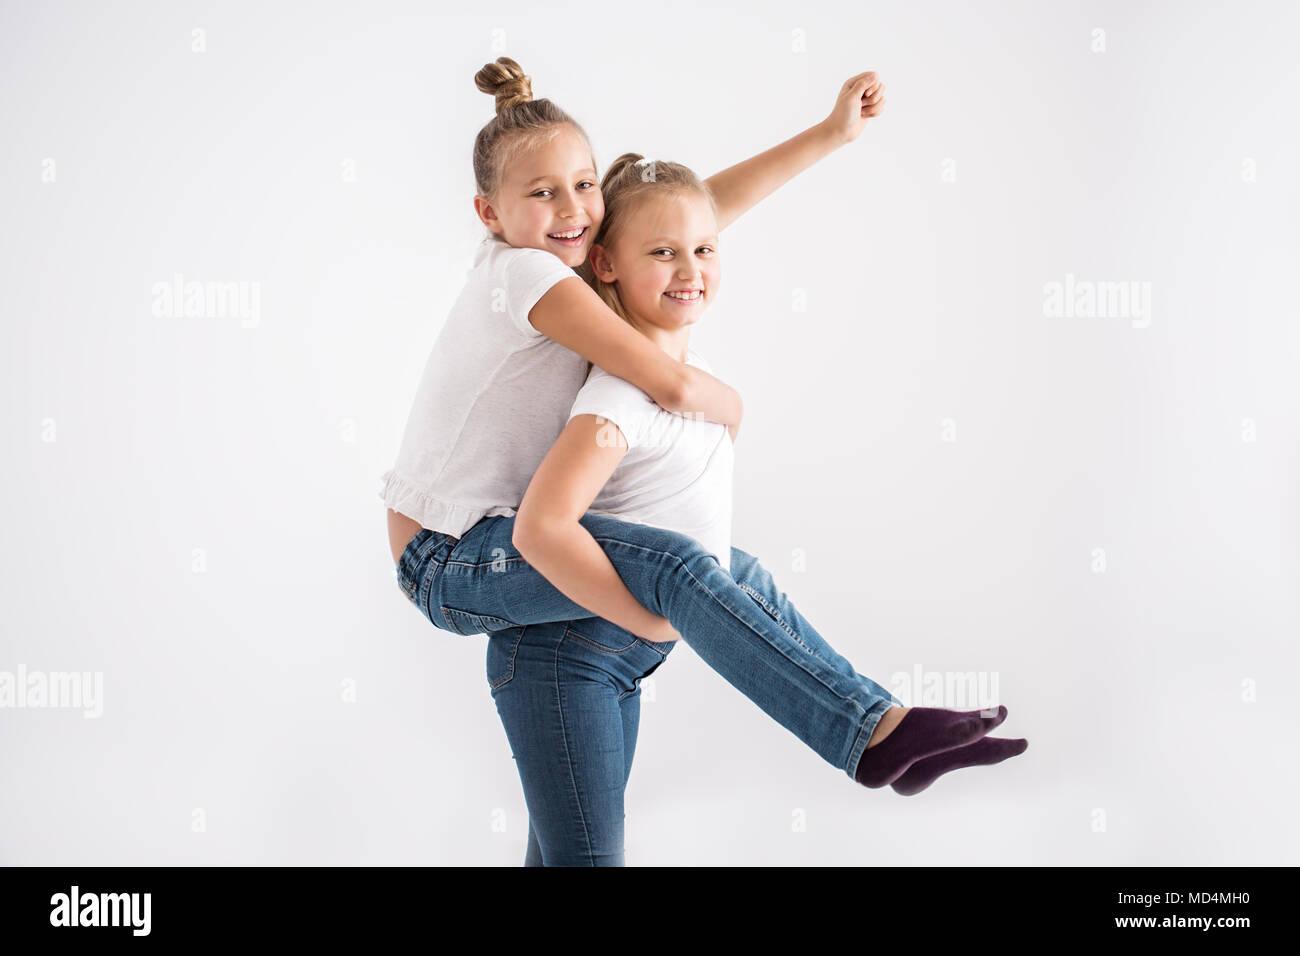 Portrait einer jungen, glückliches Mädchen Spaß, ein huckepack Fahrt mit ihrer Schwester zurück genießen Sie vor einem weißen Hintergrund Stockbild